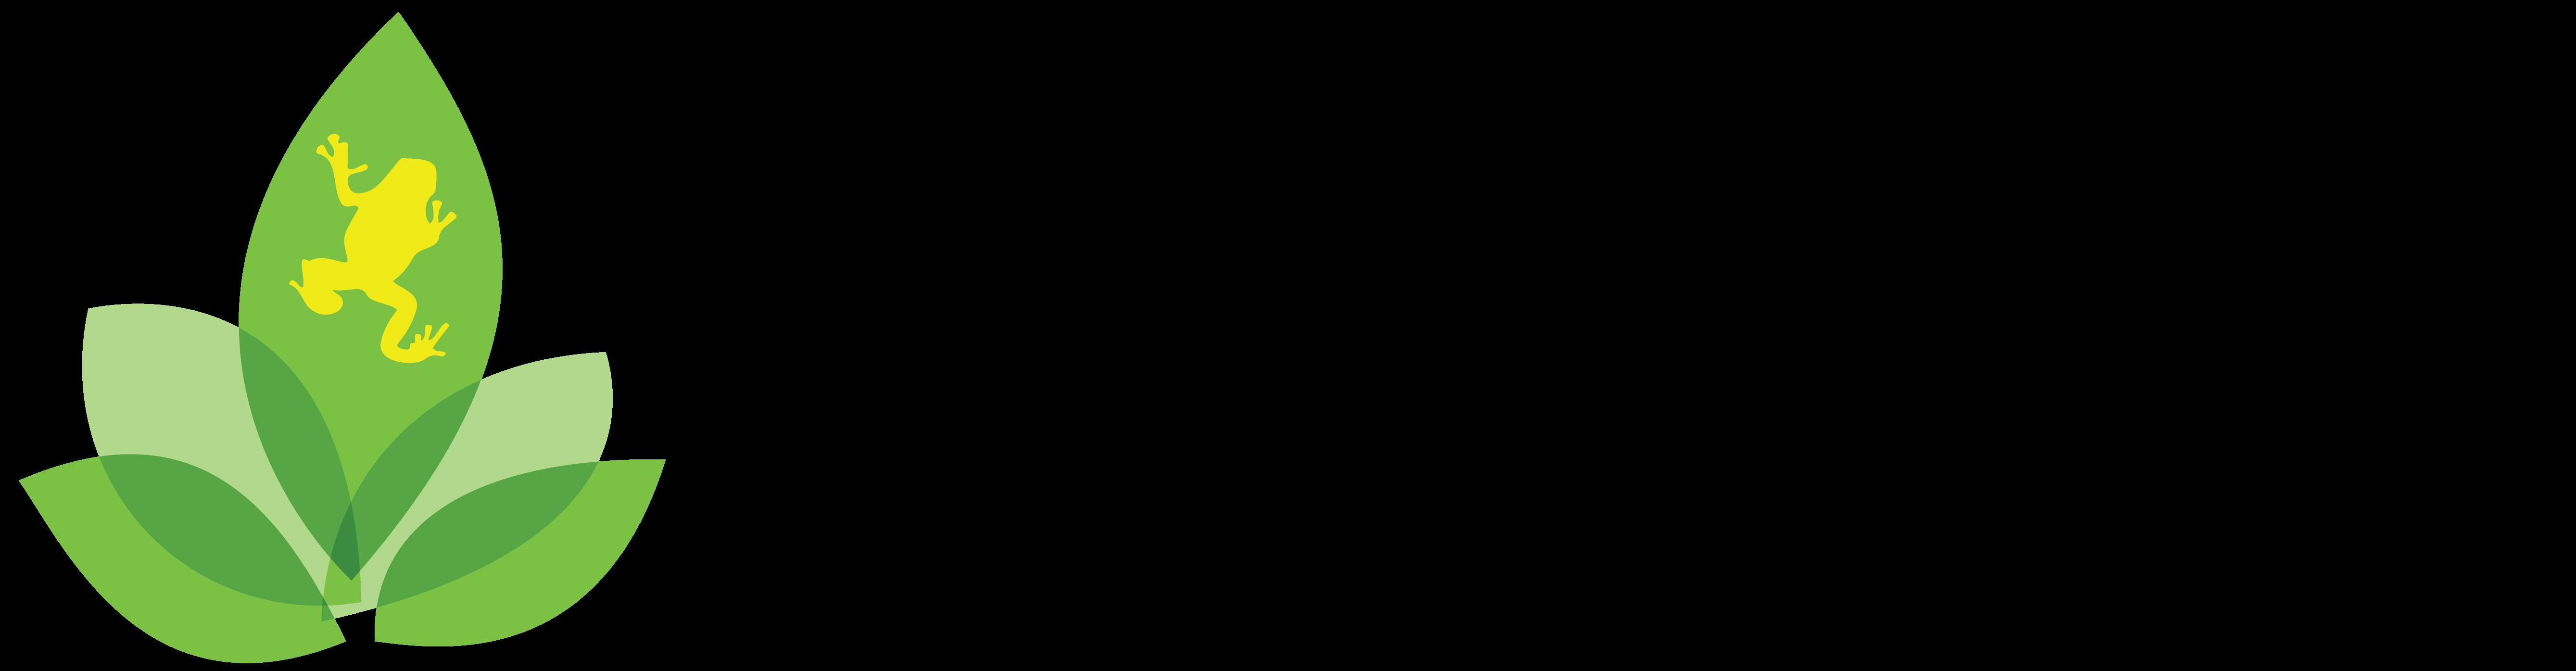 JF logo large (2)